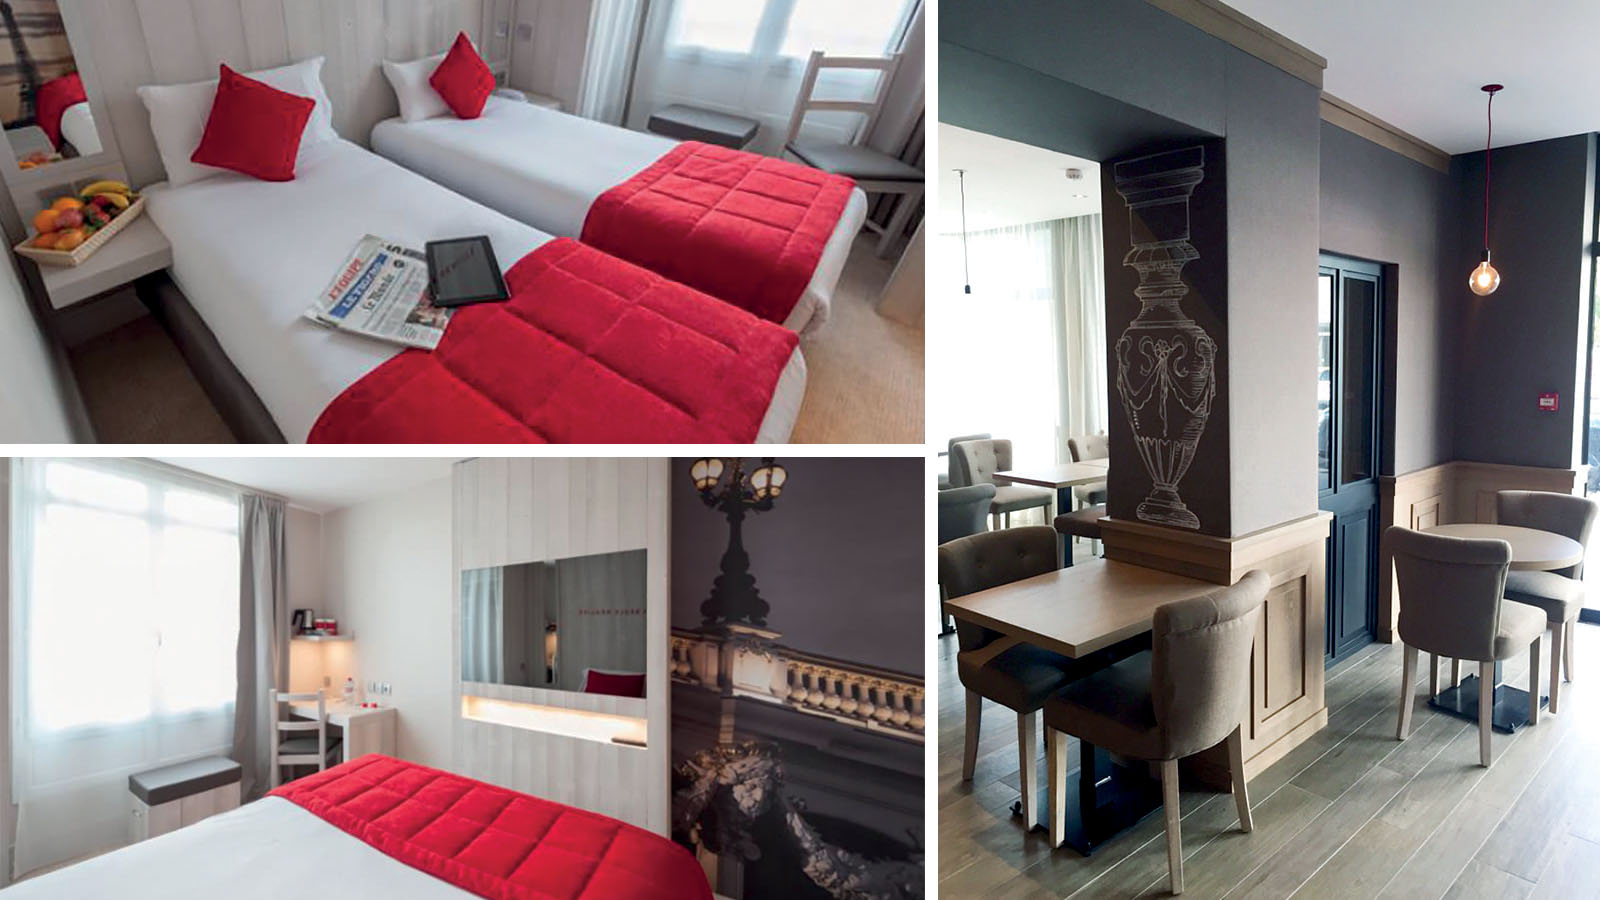 EFI Design Hotel Le 209 Paris Efi Design 8 1355